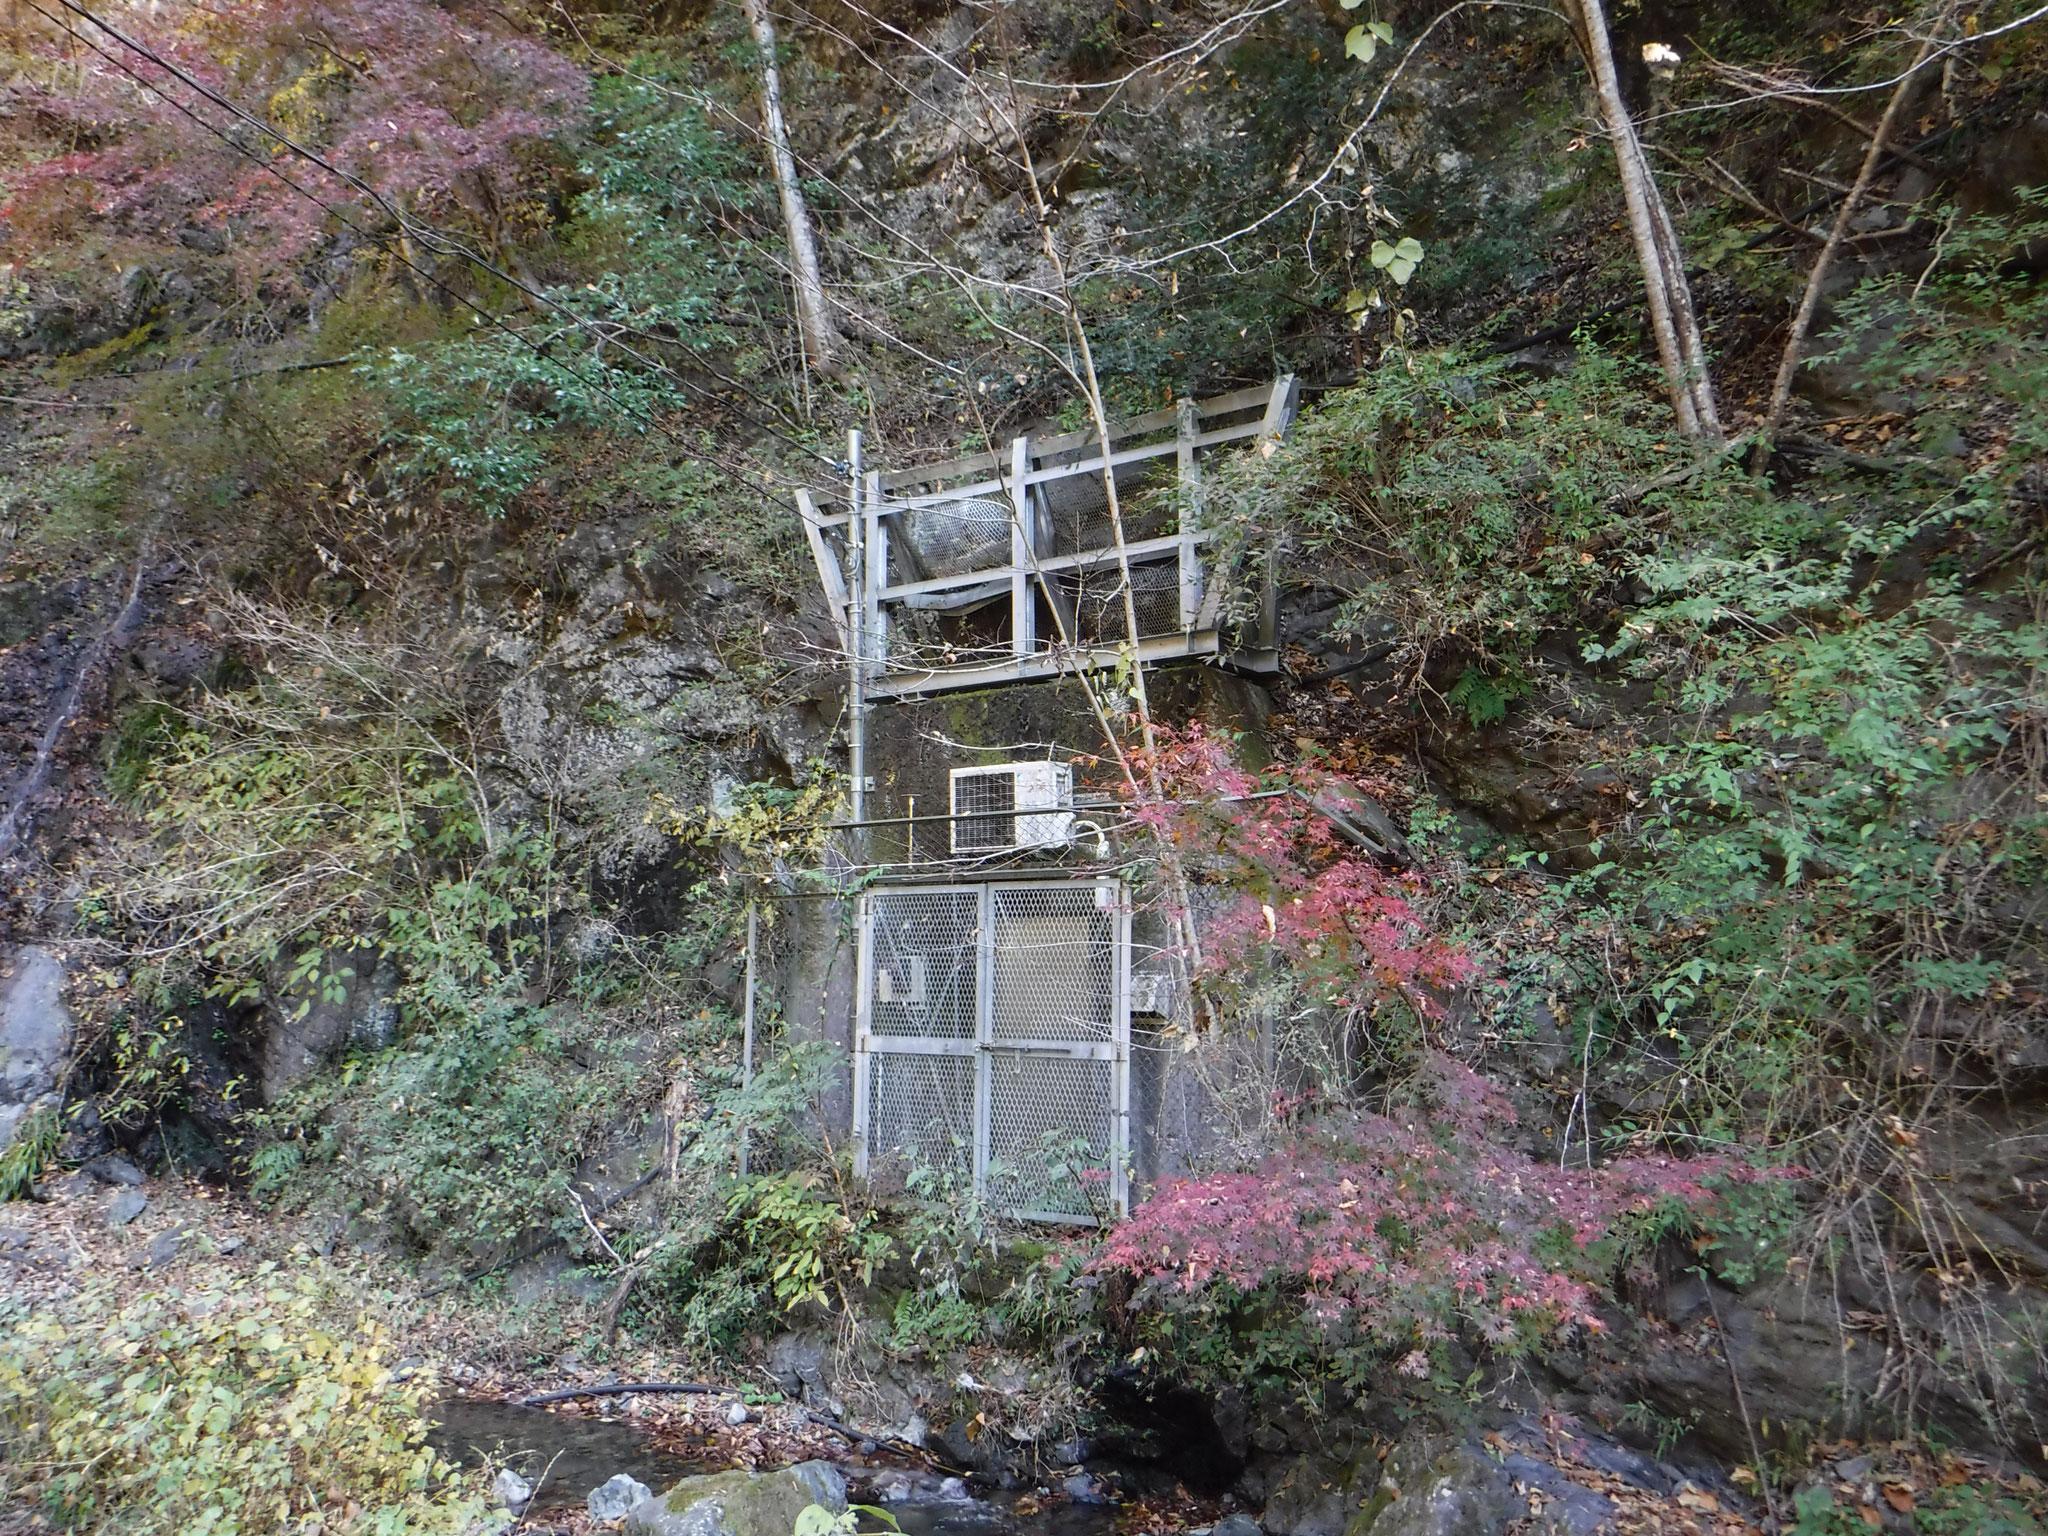 9:00 不動の上滝下流の謎の構築物、エアコンの室外機がある